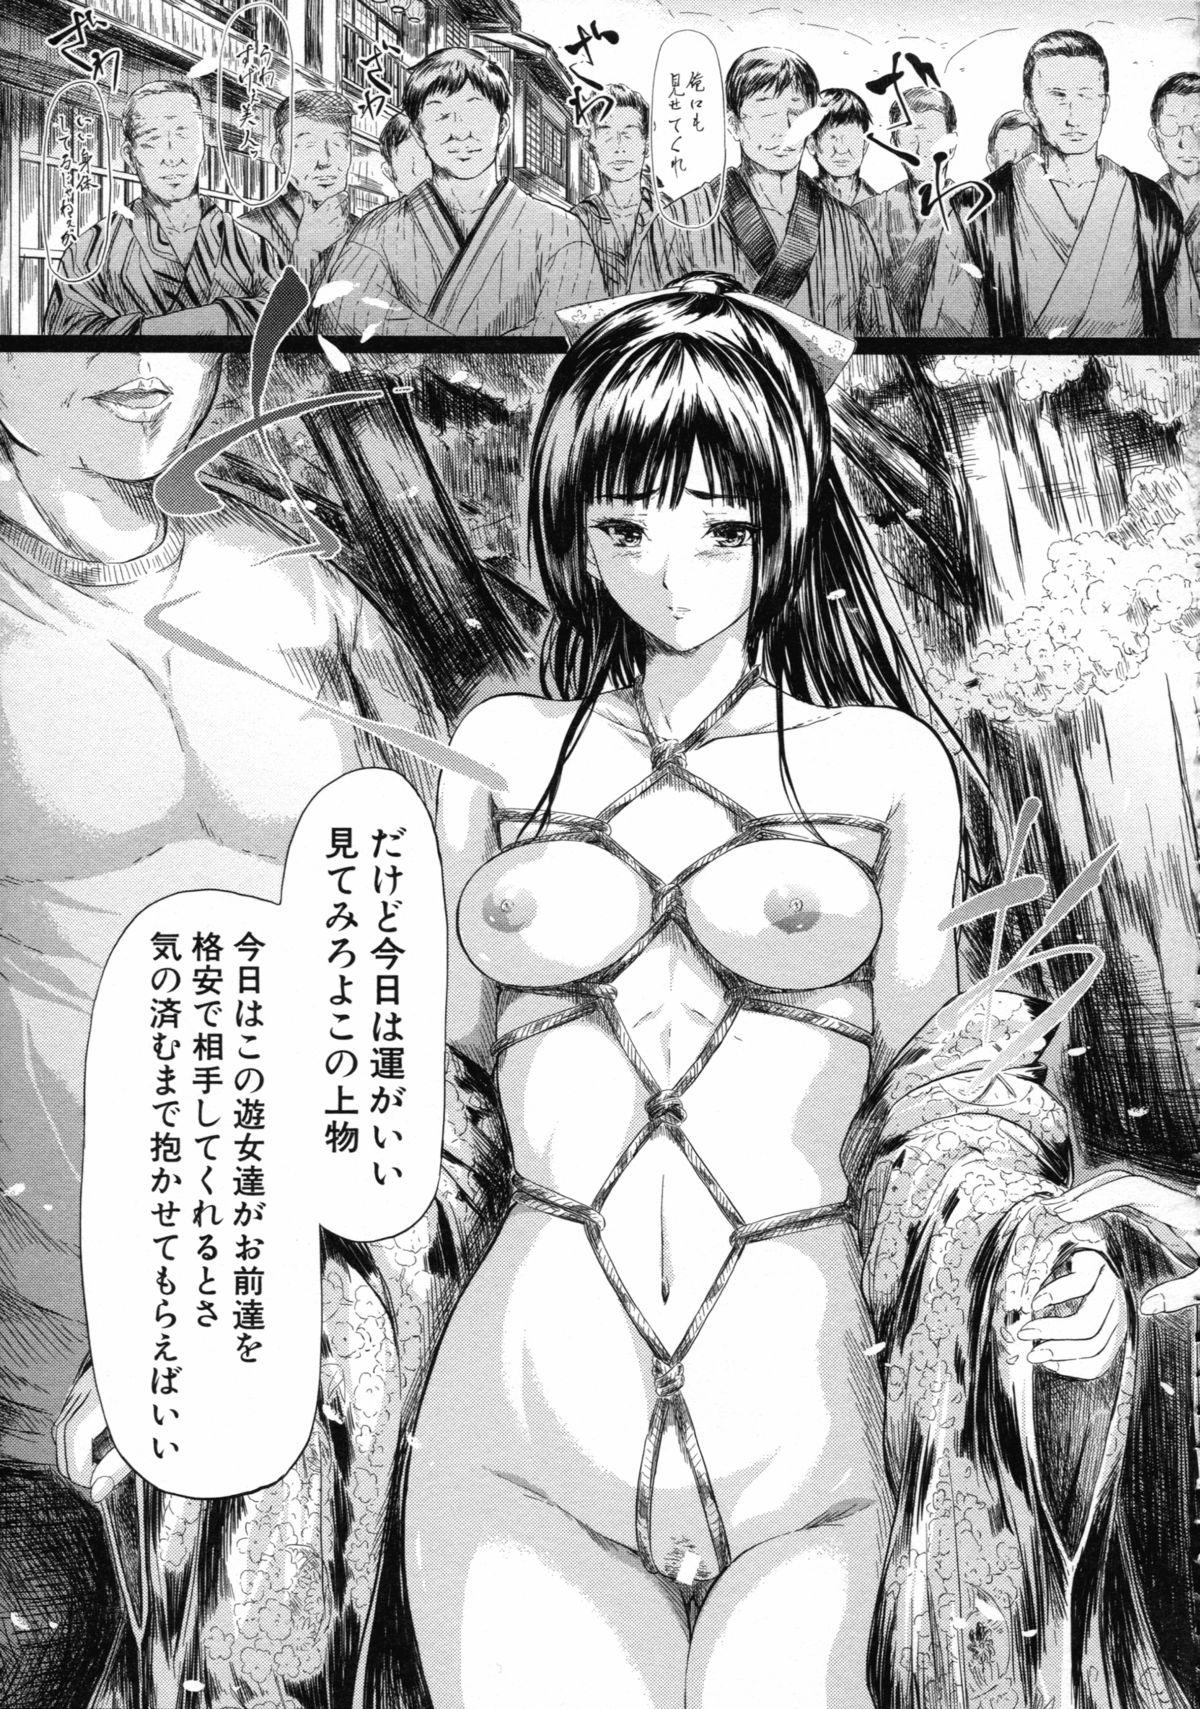 [Shiki Takuto] Tokoharu no Shoujo-tachi - The Girls in the Eternal Spring 158